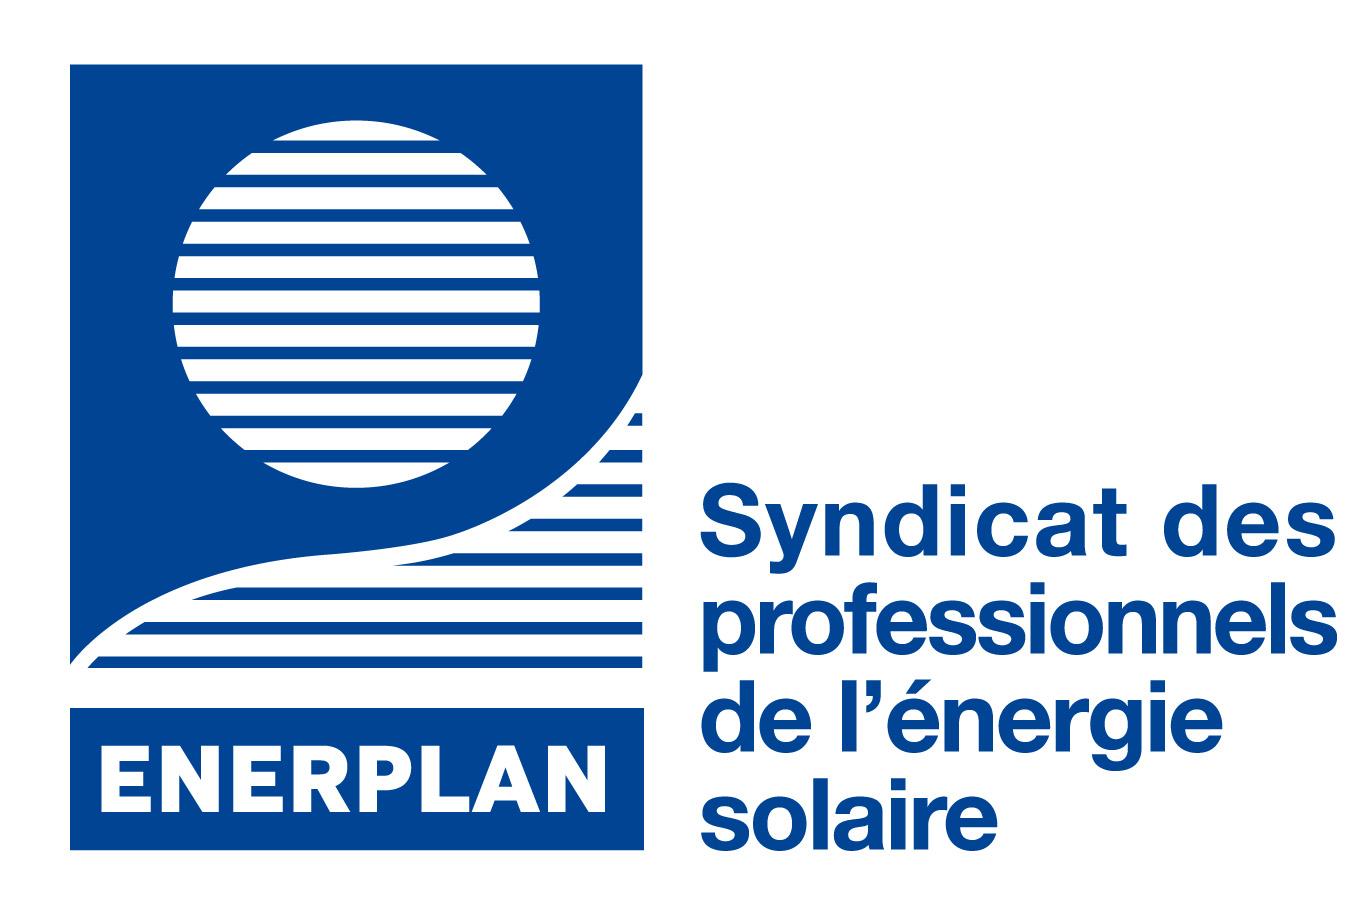 Enerplan propose un plan autoconsommation solaire solidaire maison et energie - Pacte energie solidarite 2017 ...